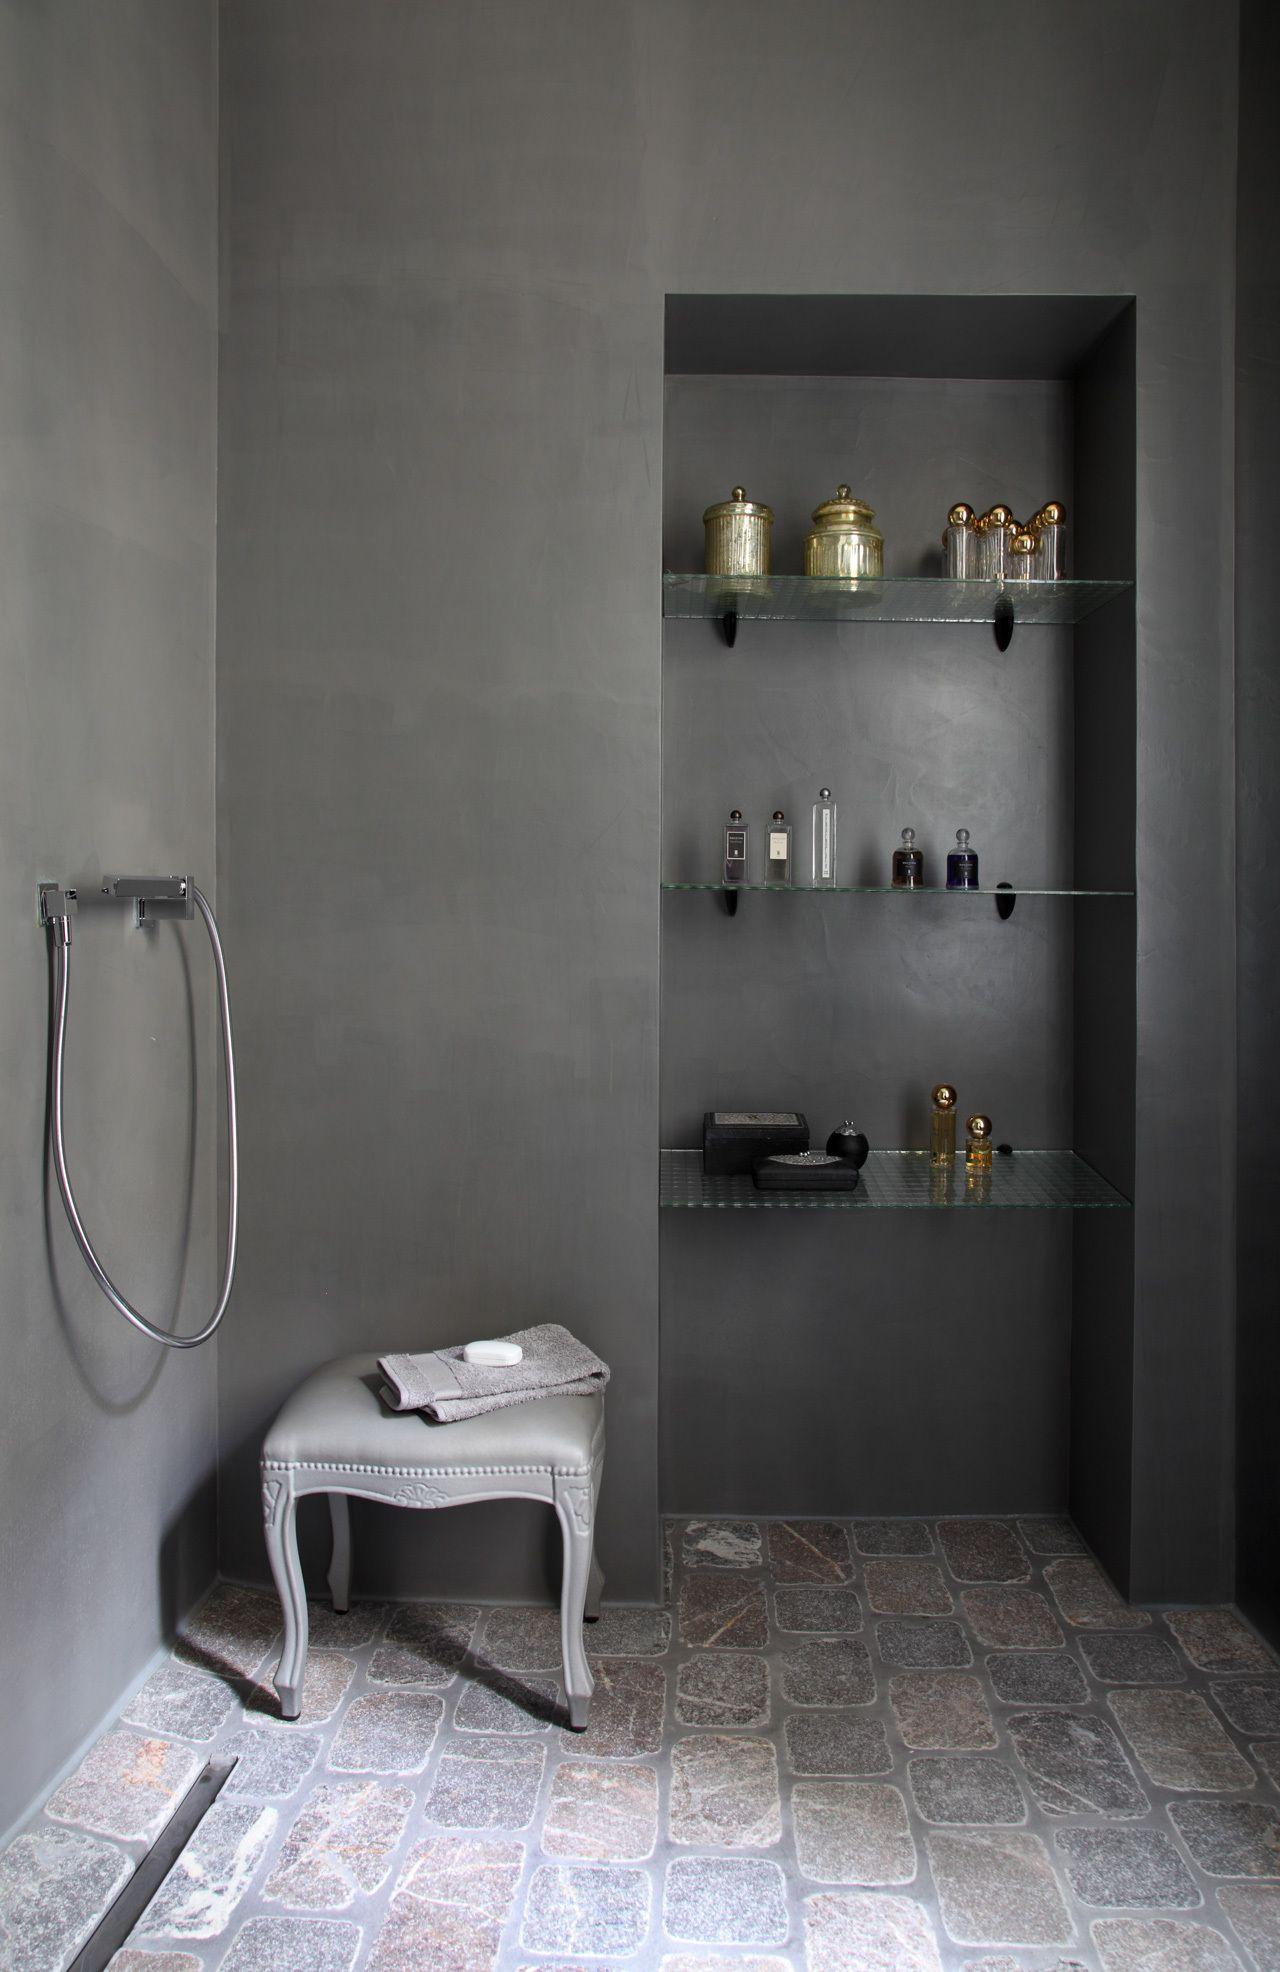 david gaillard par sandrine fournier 084 salle de douche